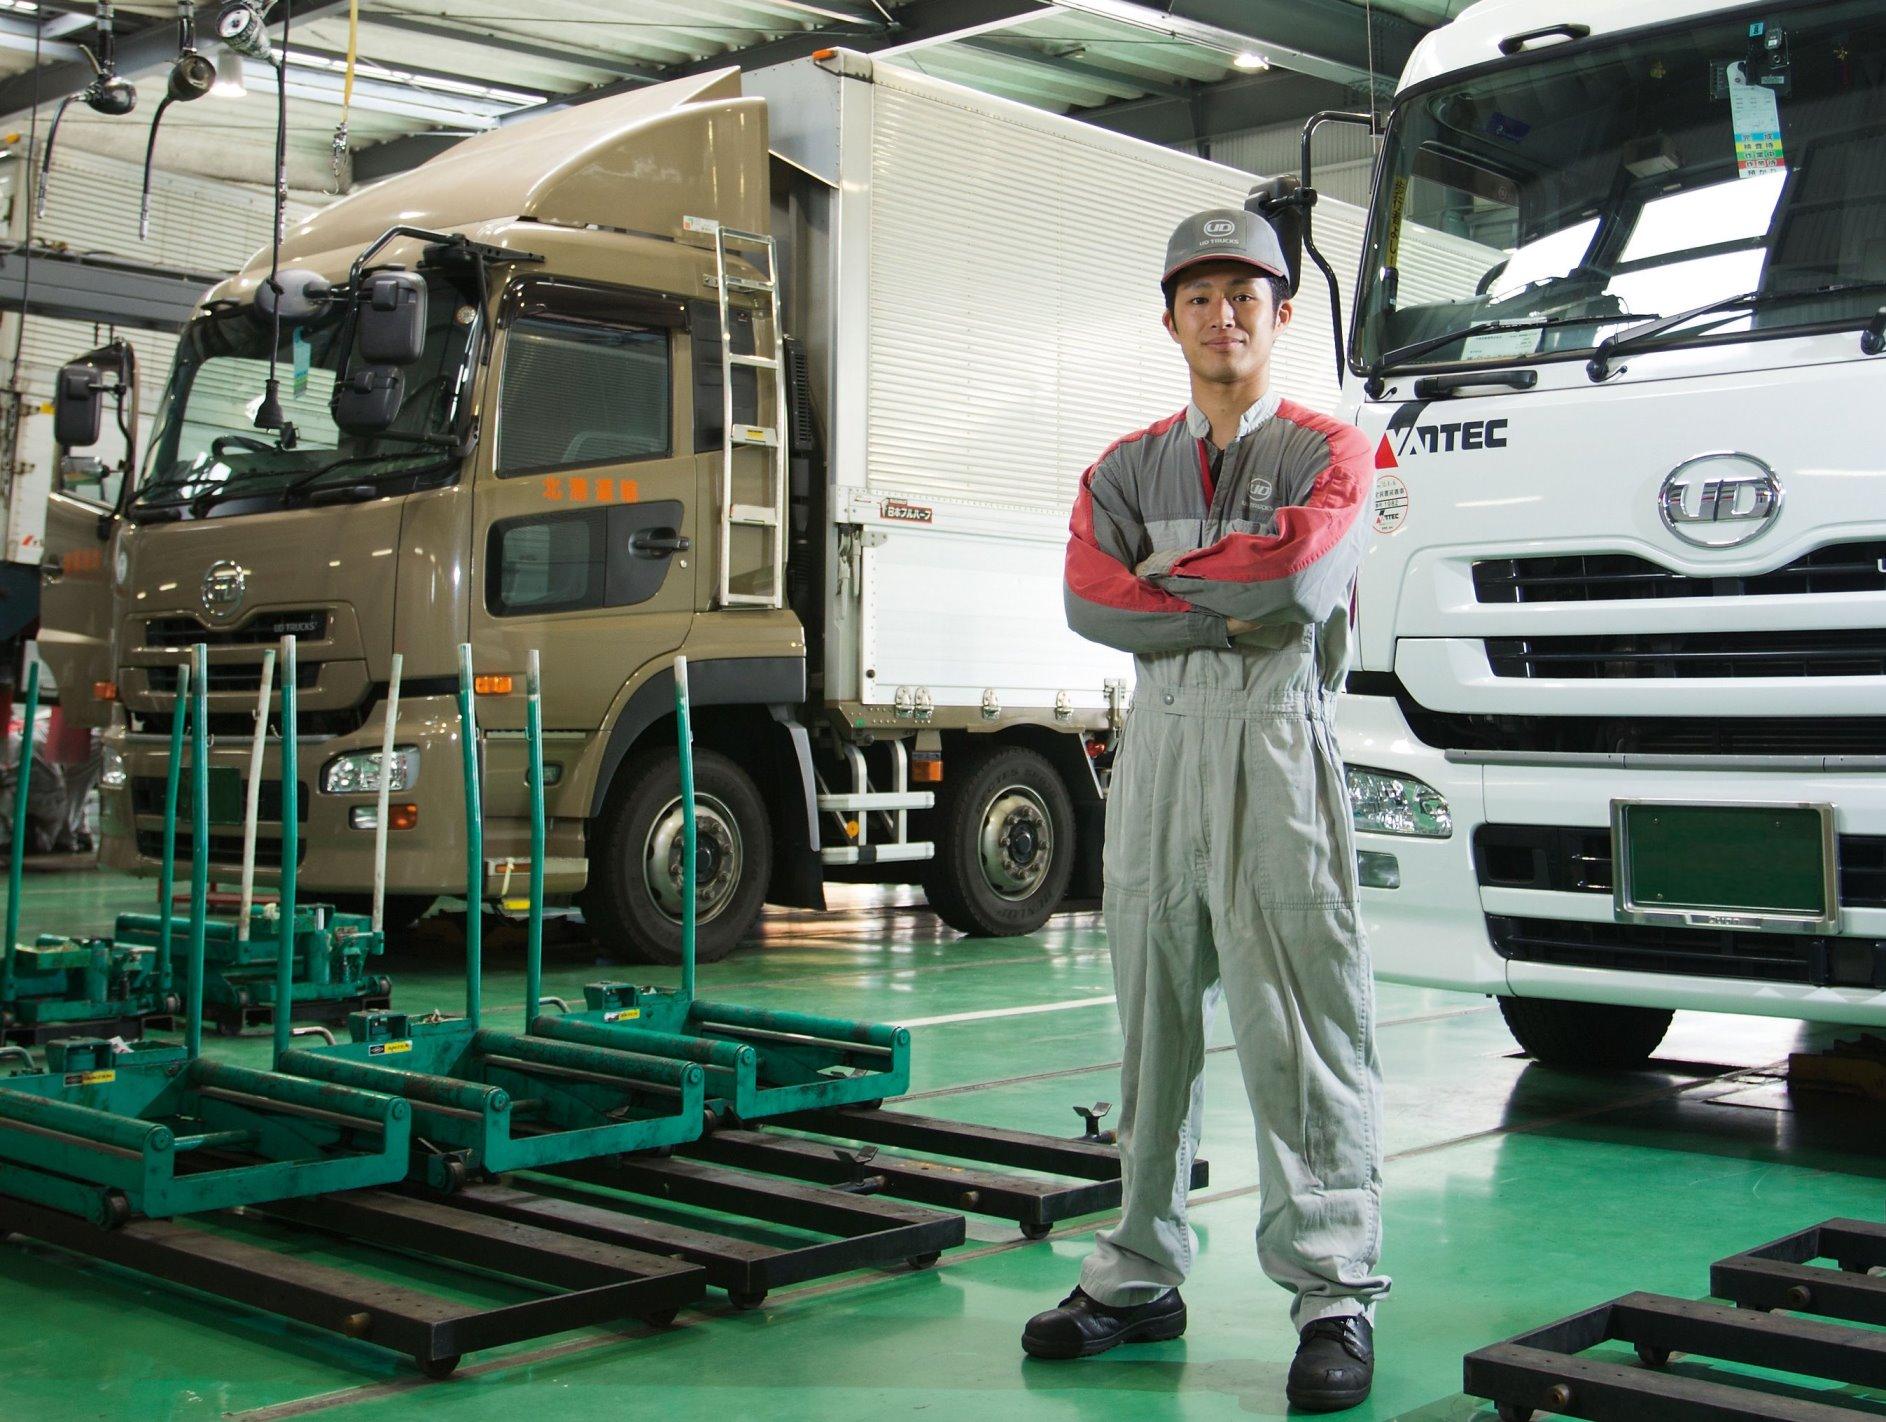 【正社員 神奈川県(横浜市中区)】高年収!残業少!大手トラックメーカーの整備士募集!